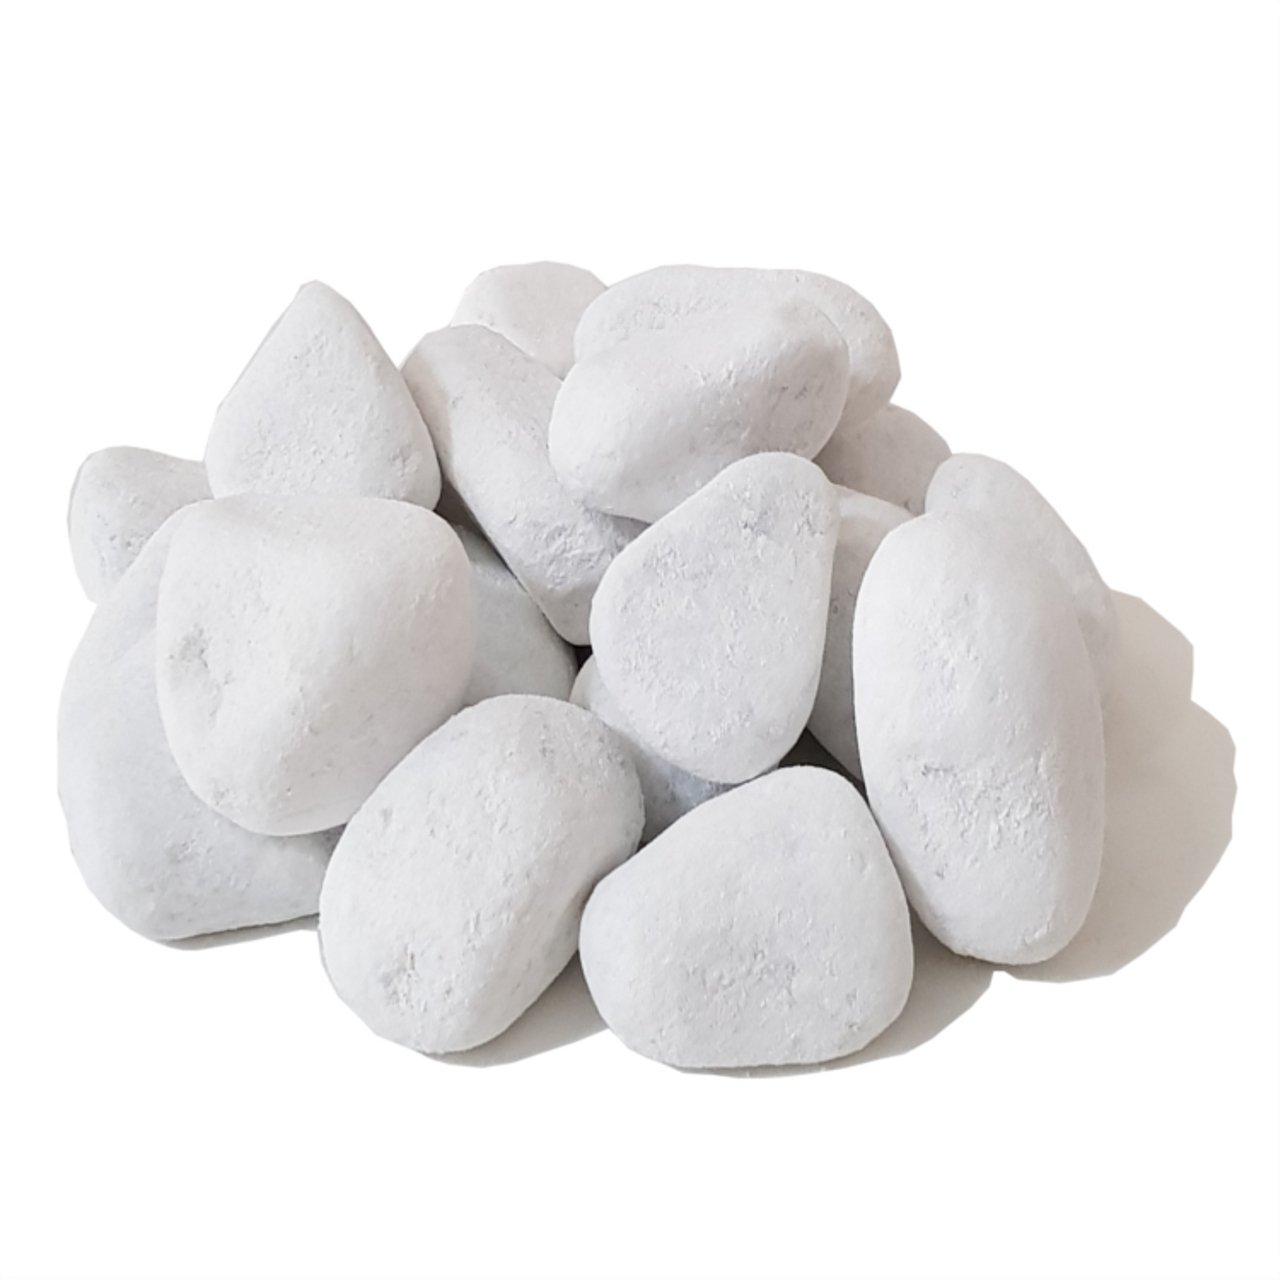 Piedras blancas decorativas para etanol y chimeneas de gel y má s (20) Georgio Bonetti